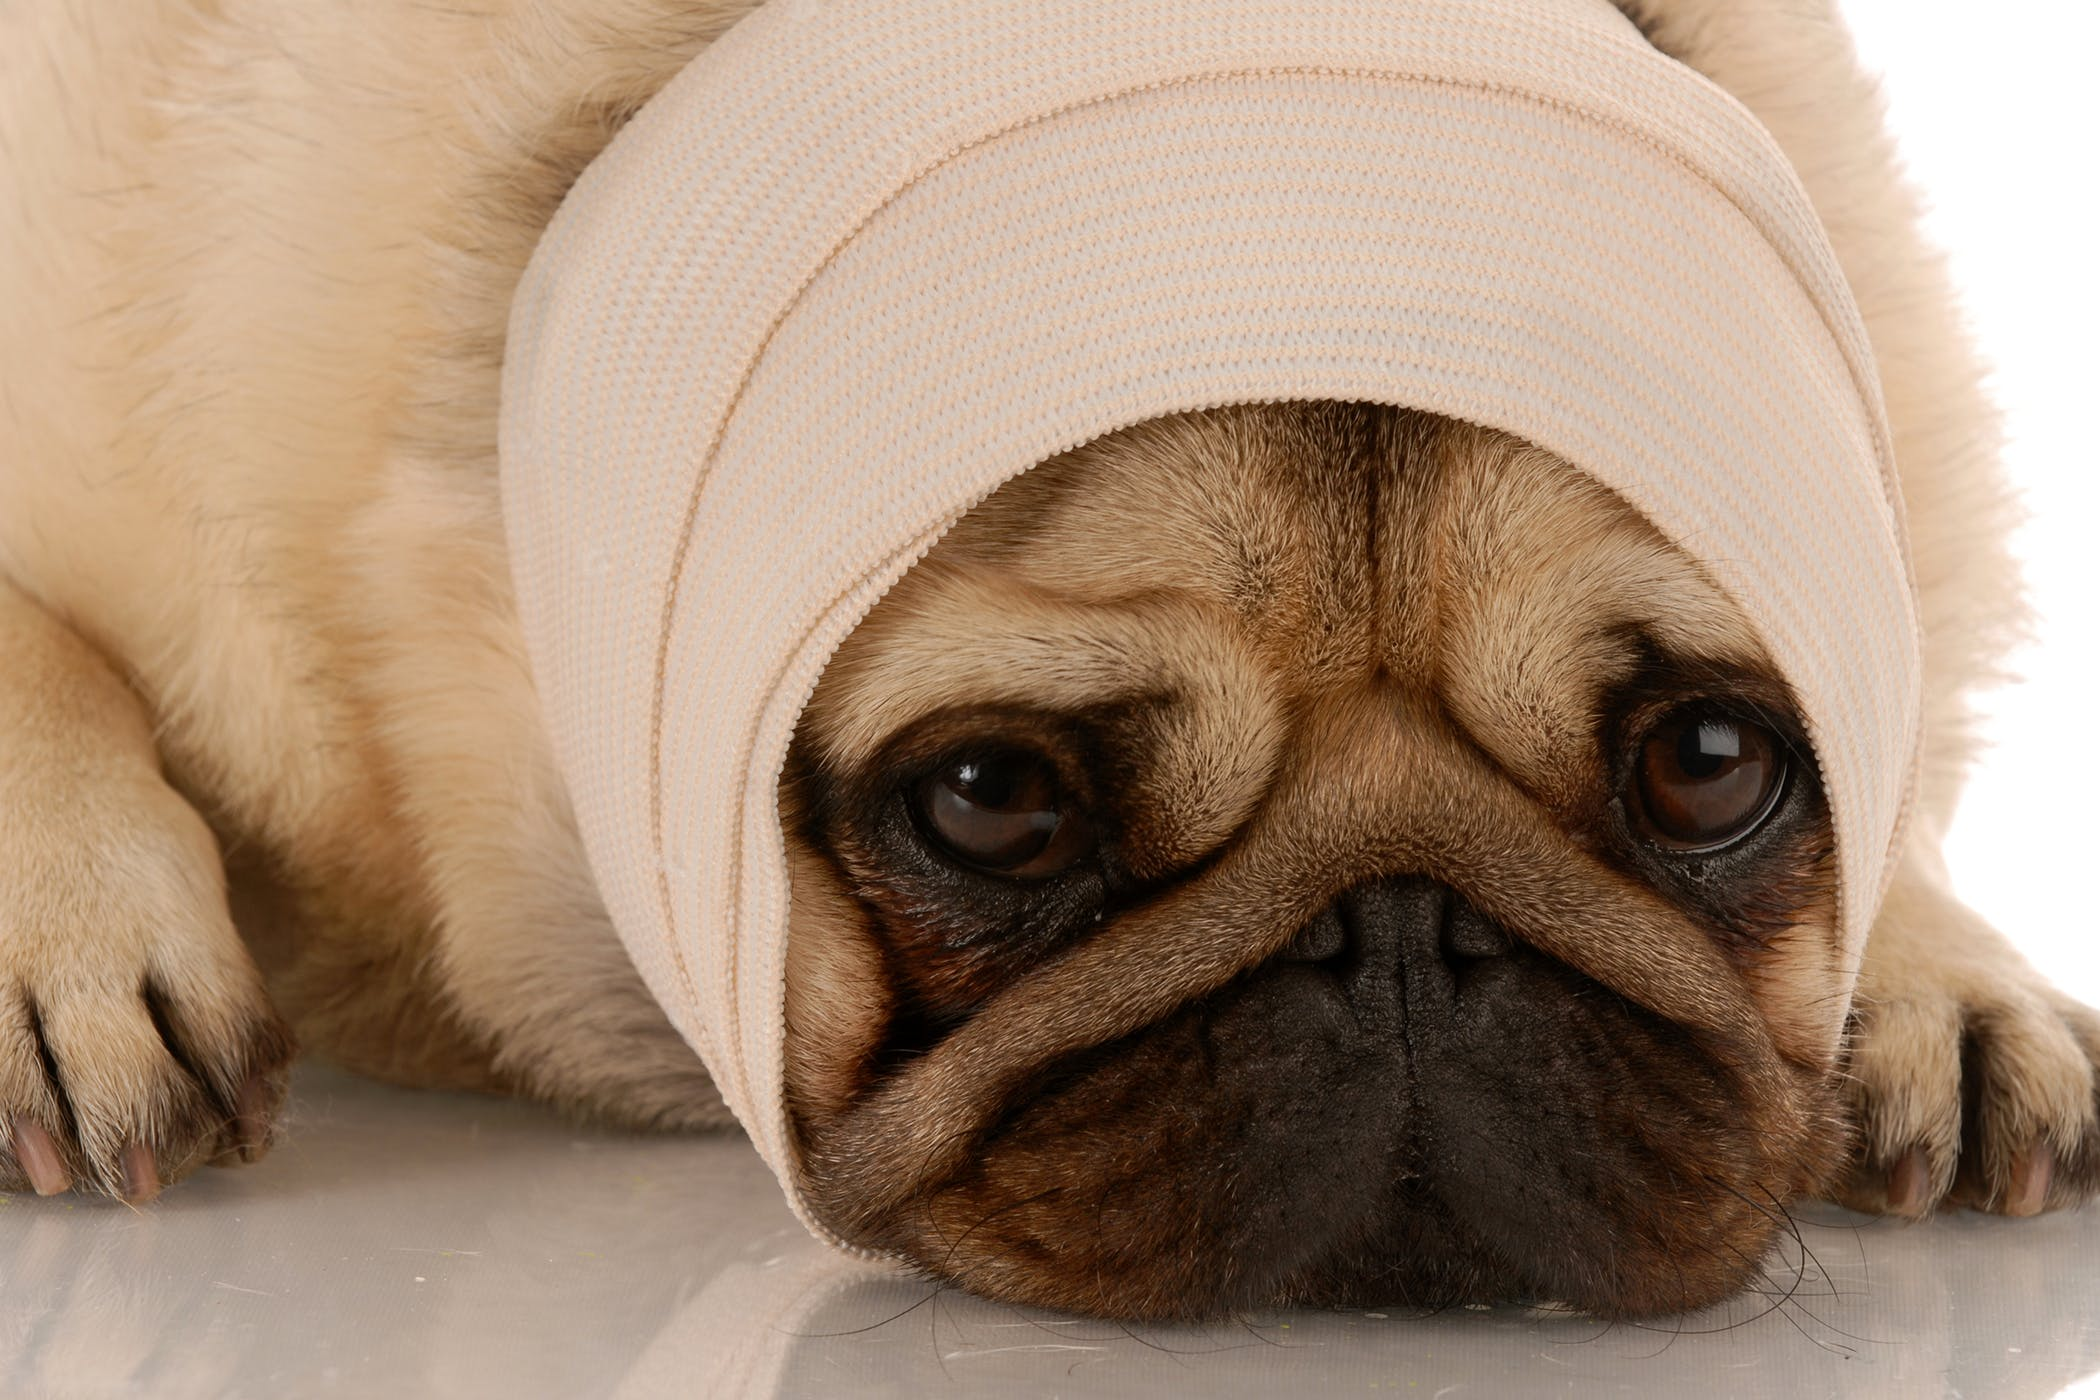 Conheça 5 preocupações comuns com a saúde dos Pugs